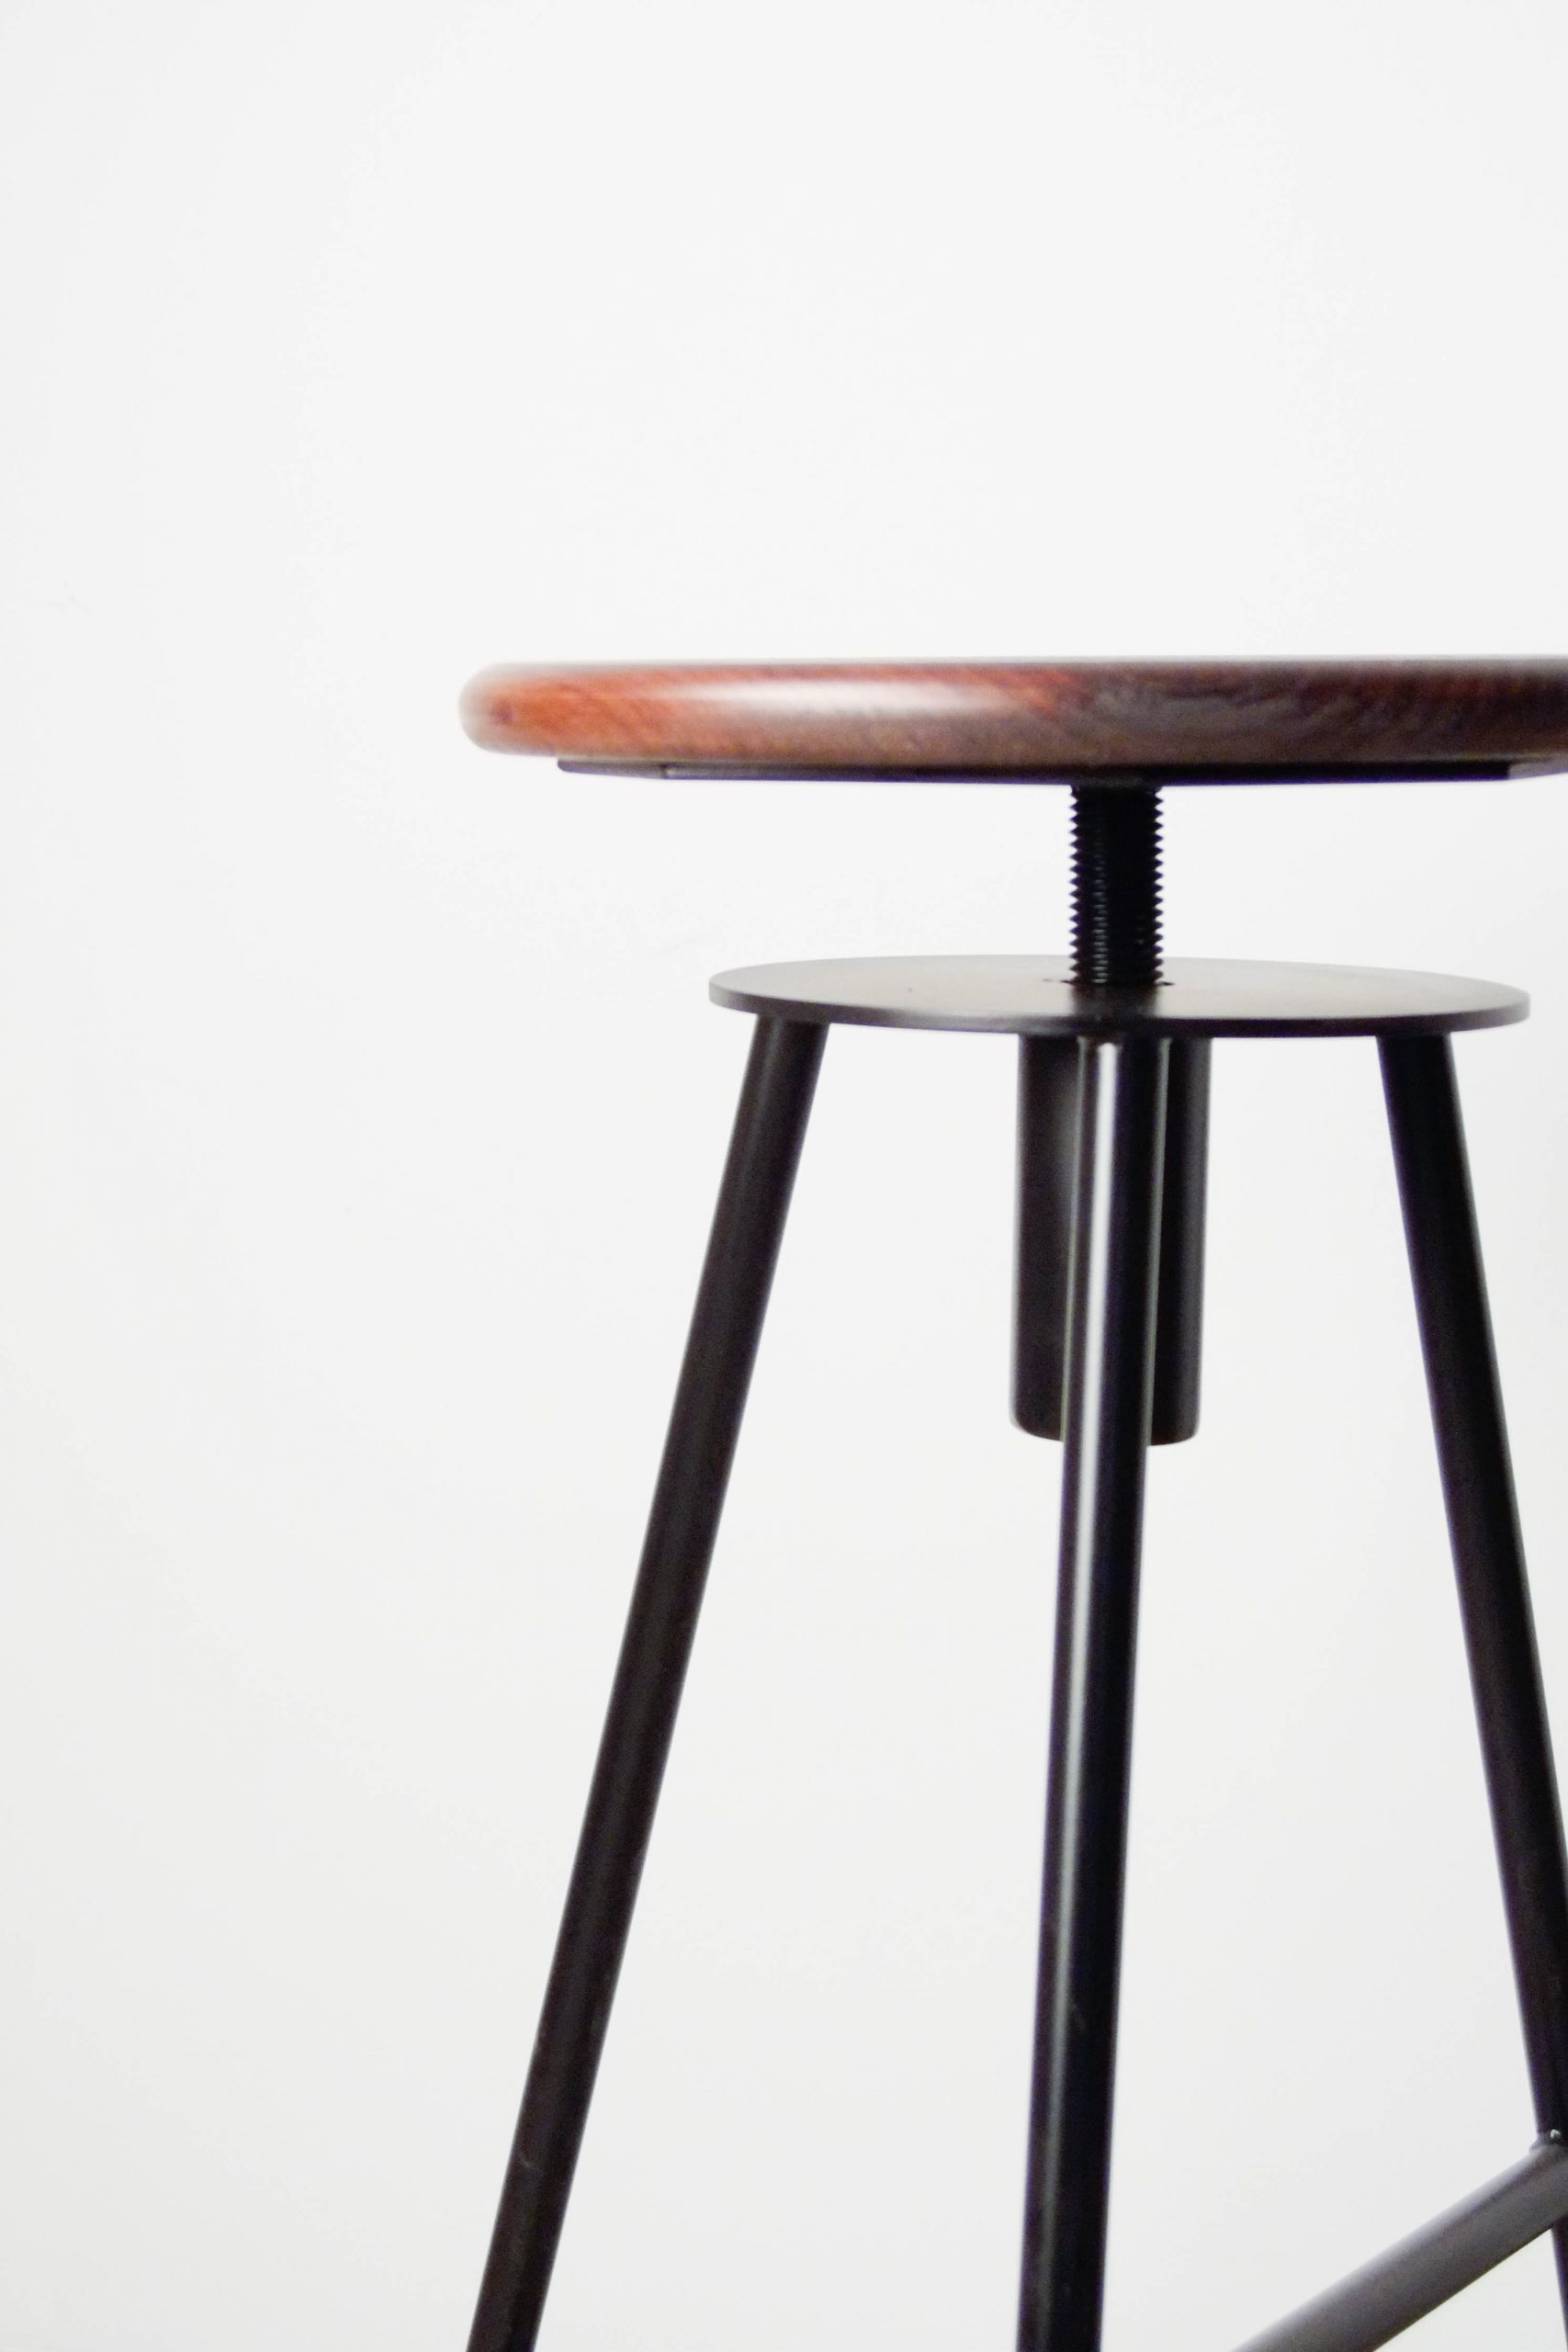 taburetes hechos a medida de metal madera redonda de cocina